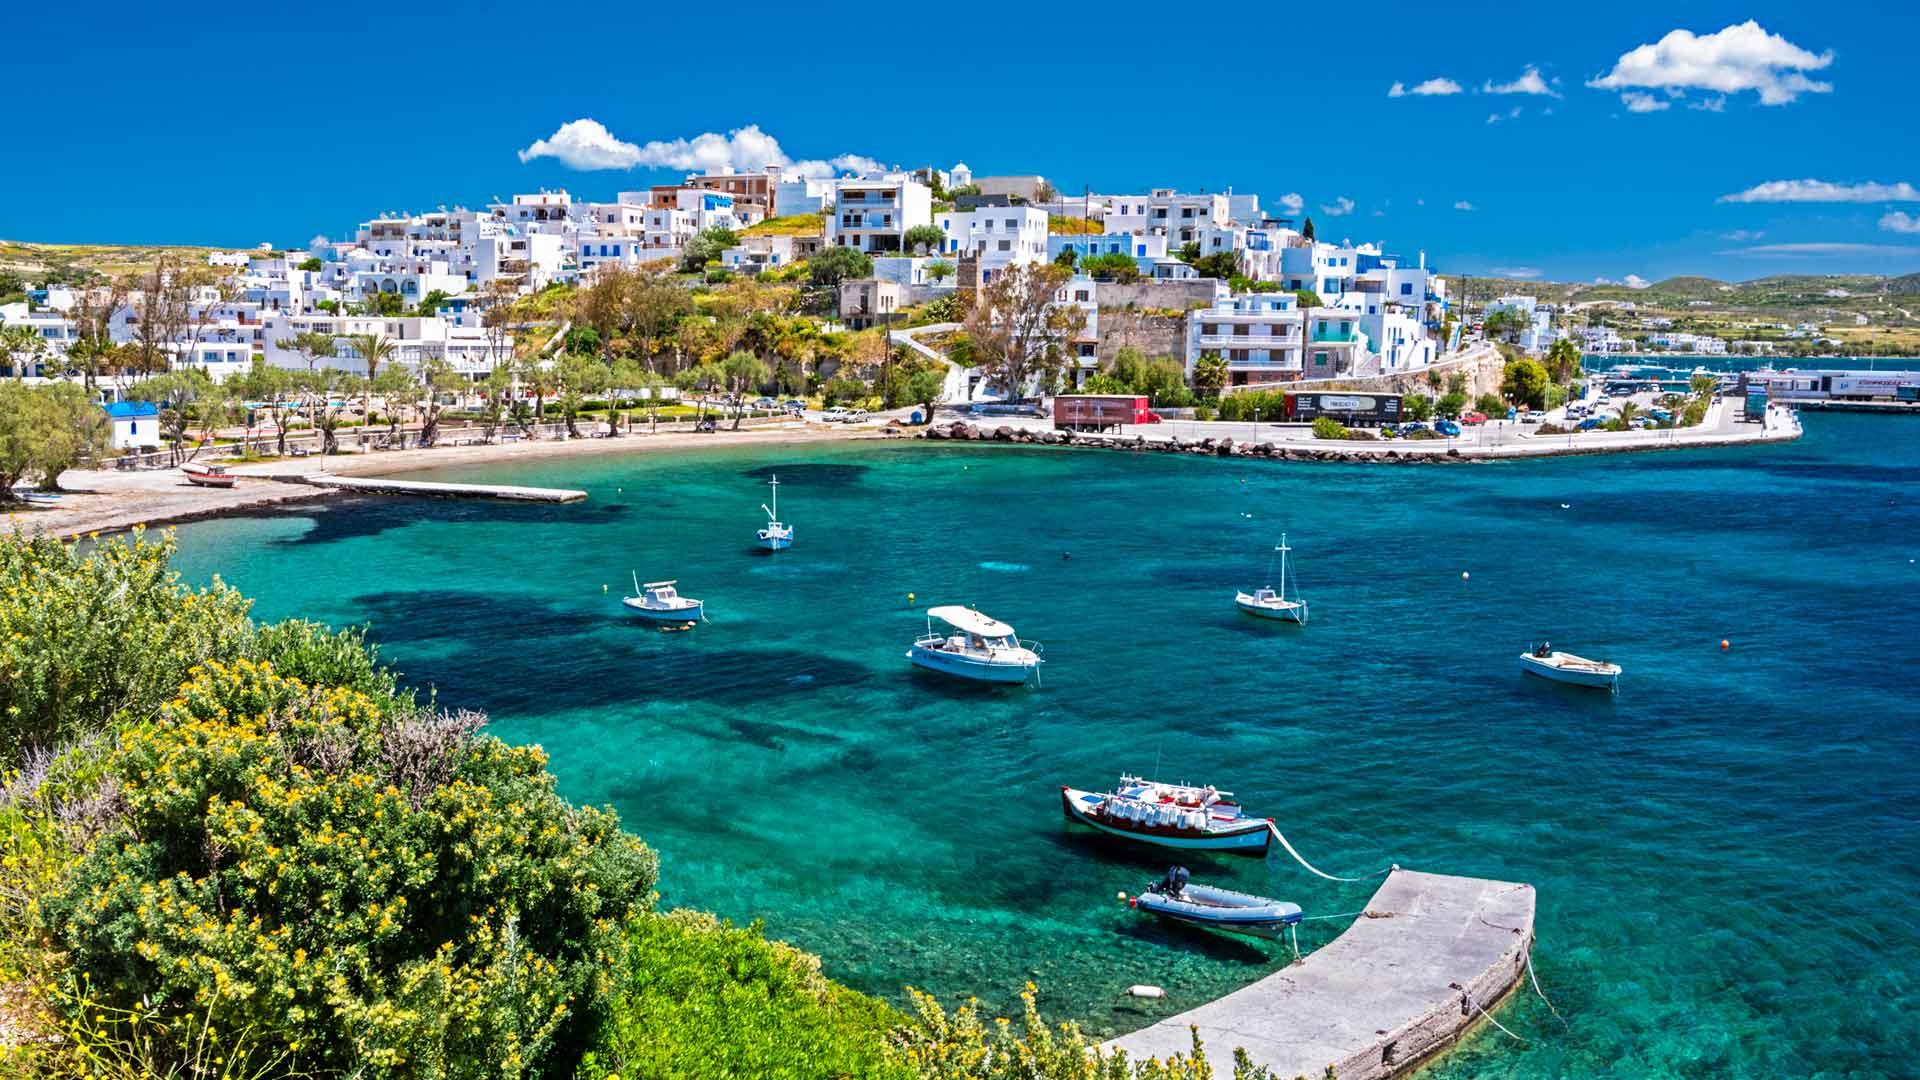 Adamas, Milos island, Cyclades, Greece